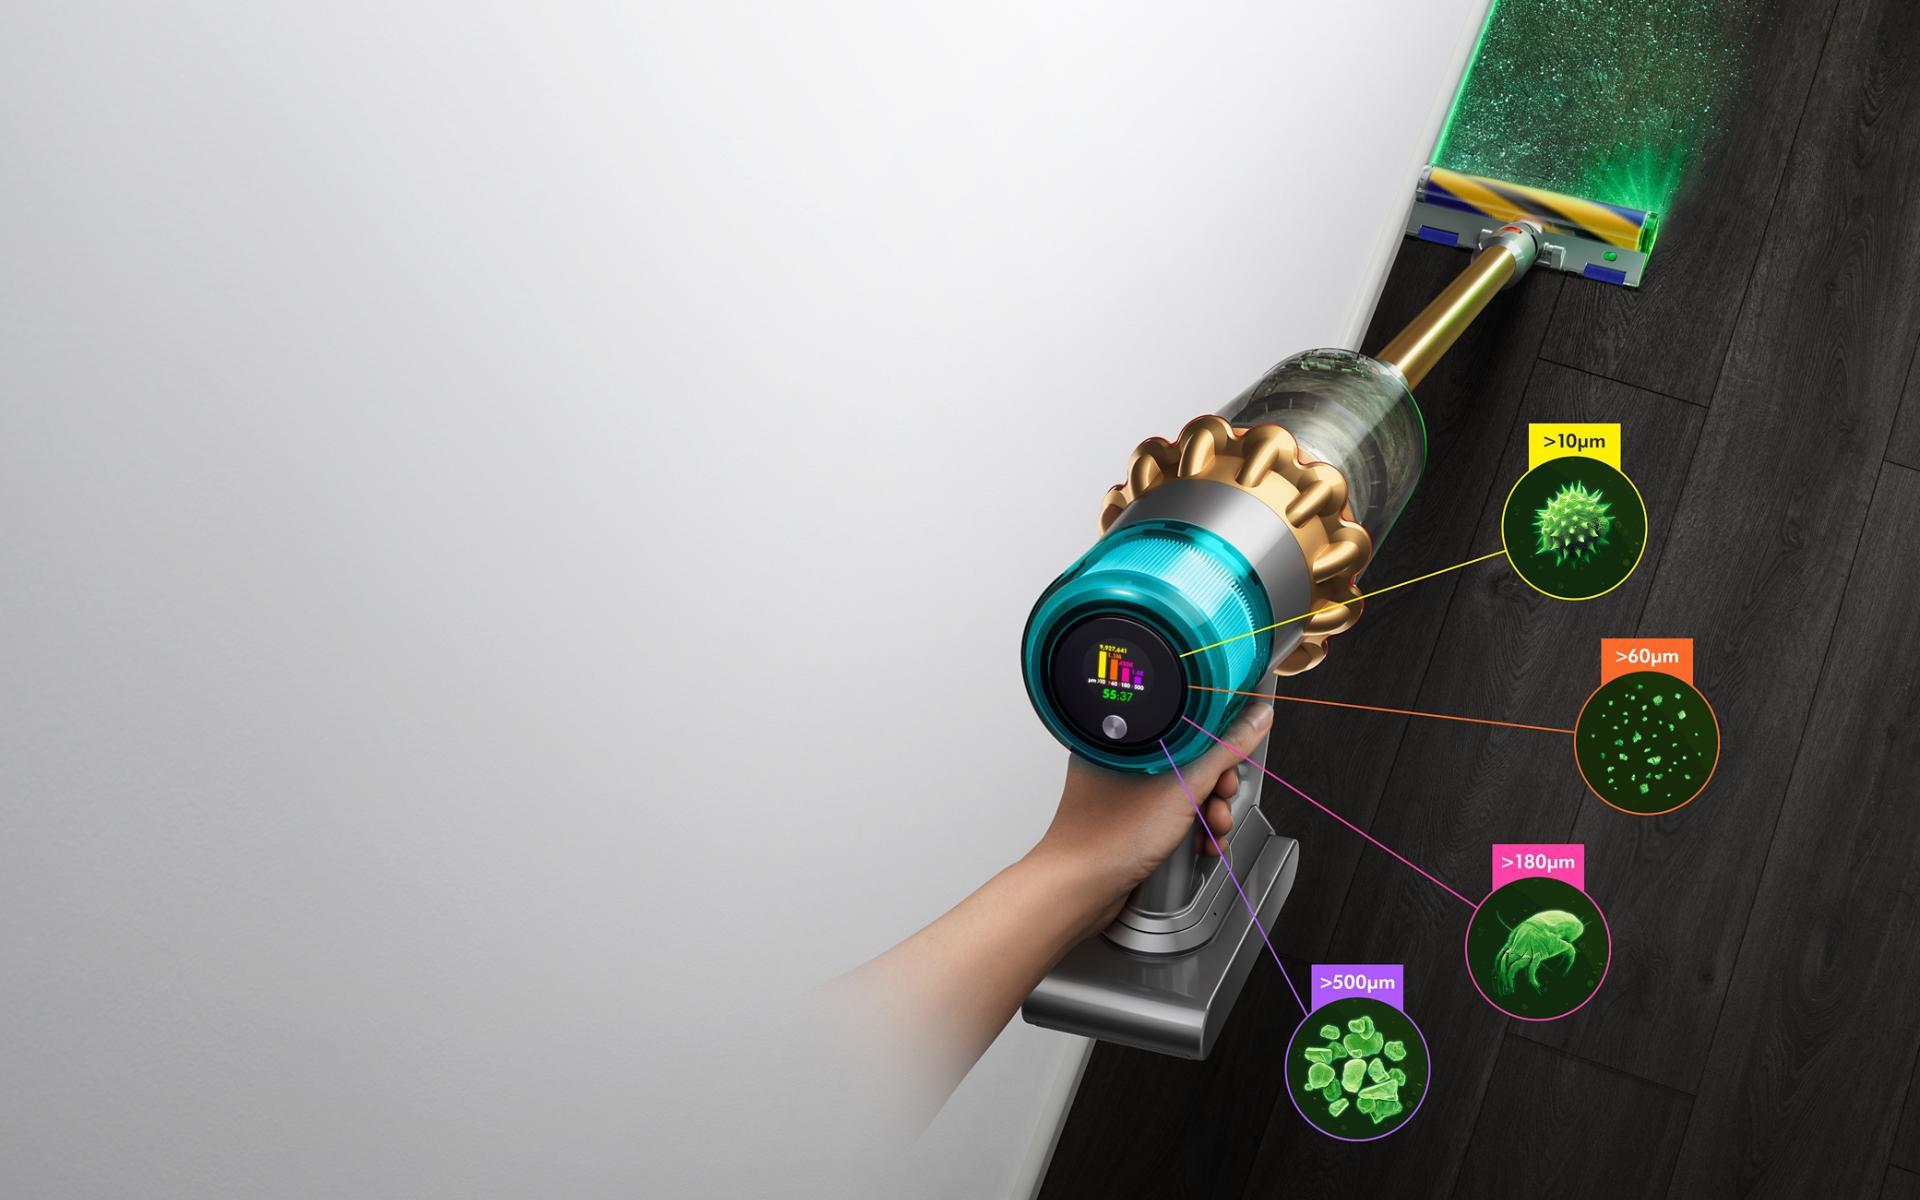 Aspiradora Dyson V15 Detect con cabezal limpiador Laser Slim Fluffy, que muestra los tamaños de polvo detectado